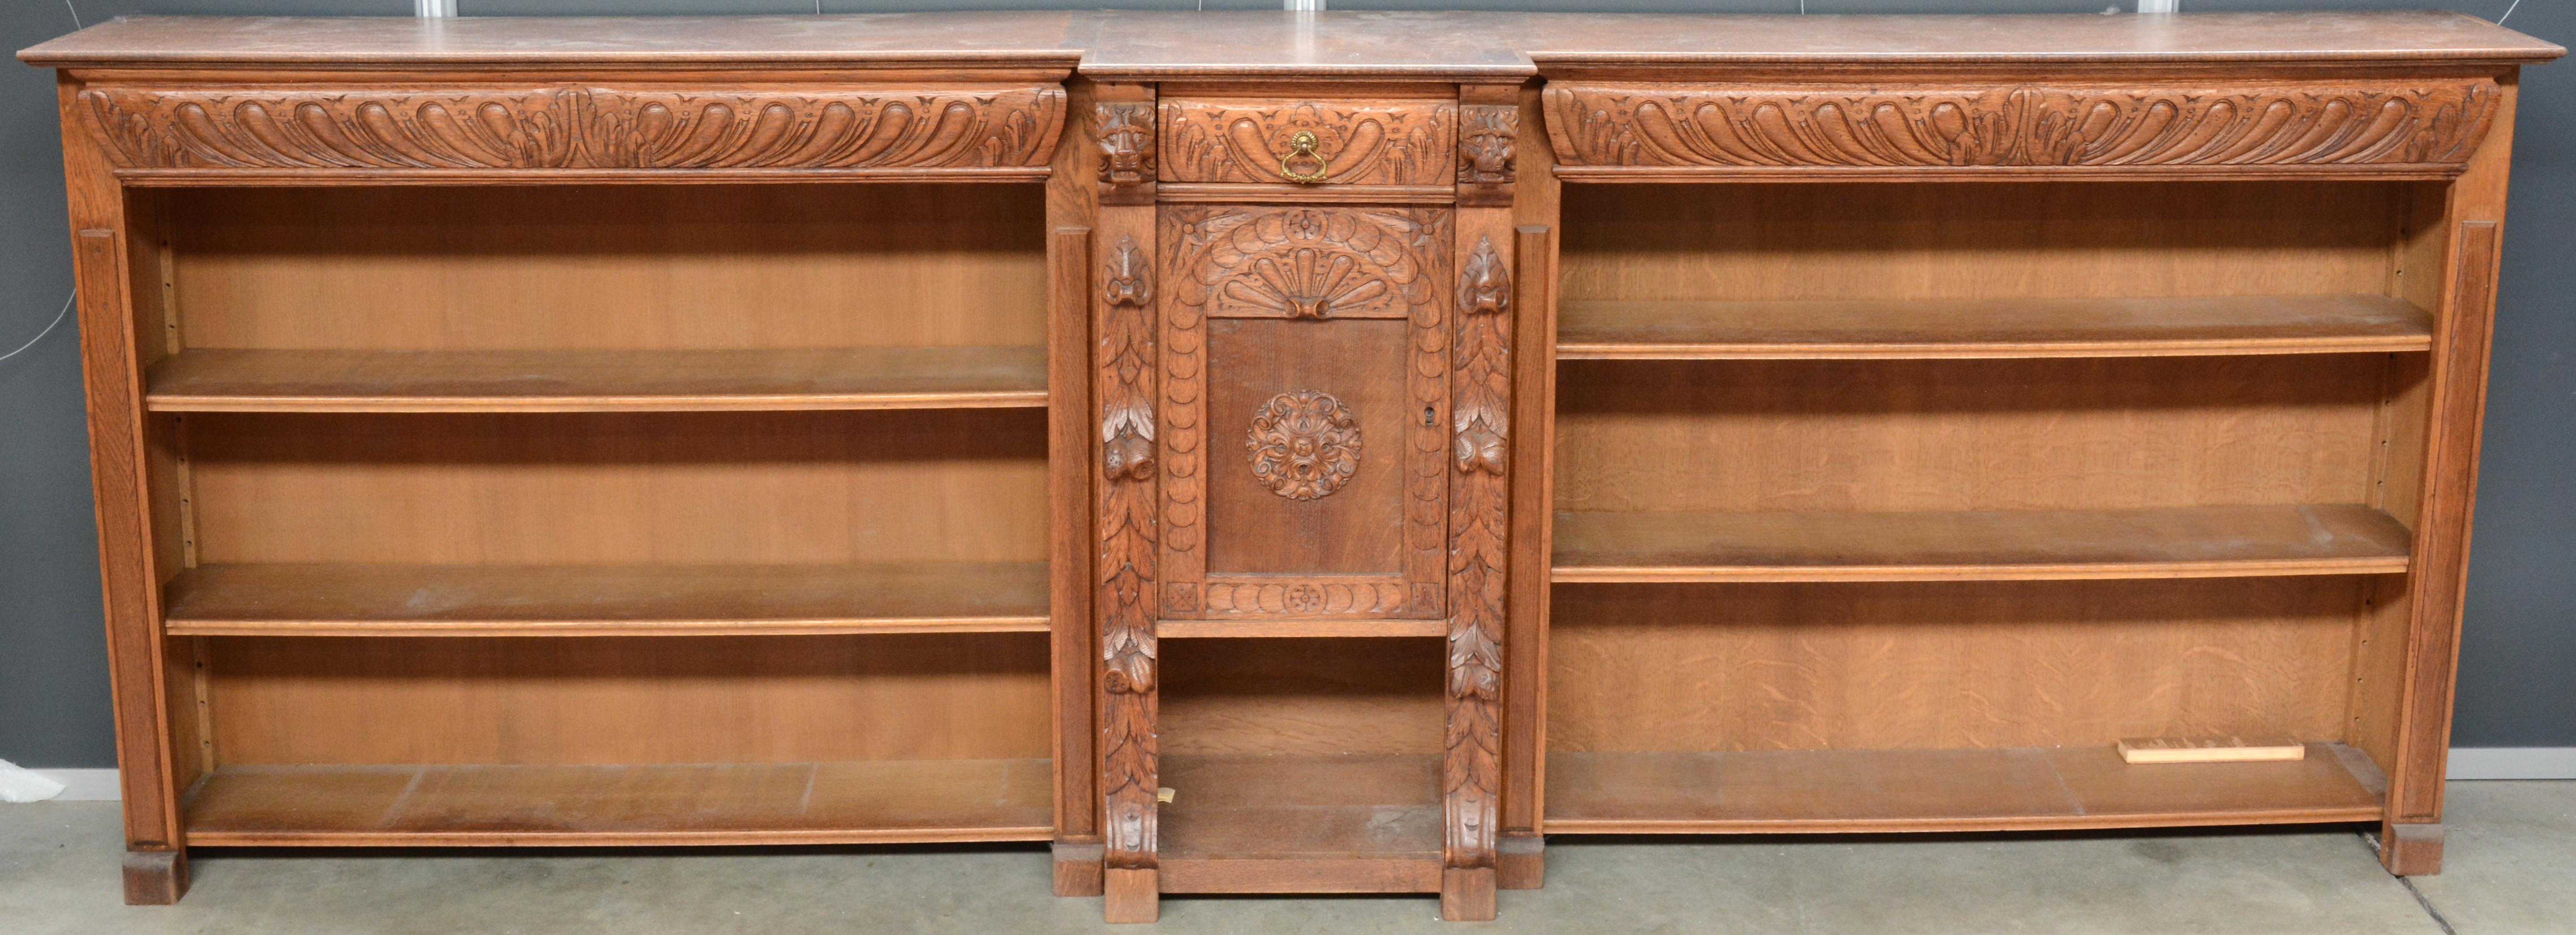 een lage boekenkast van gesculpteerd hout in mechelse renaissancestijl met centraal een paneeldeurtje en een lade